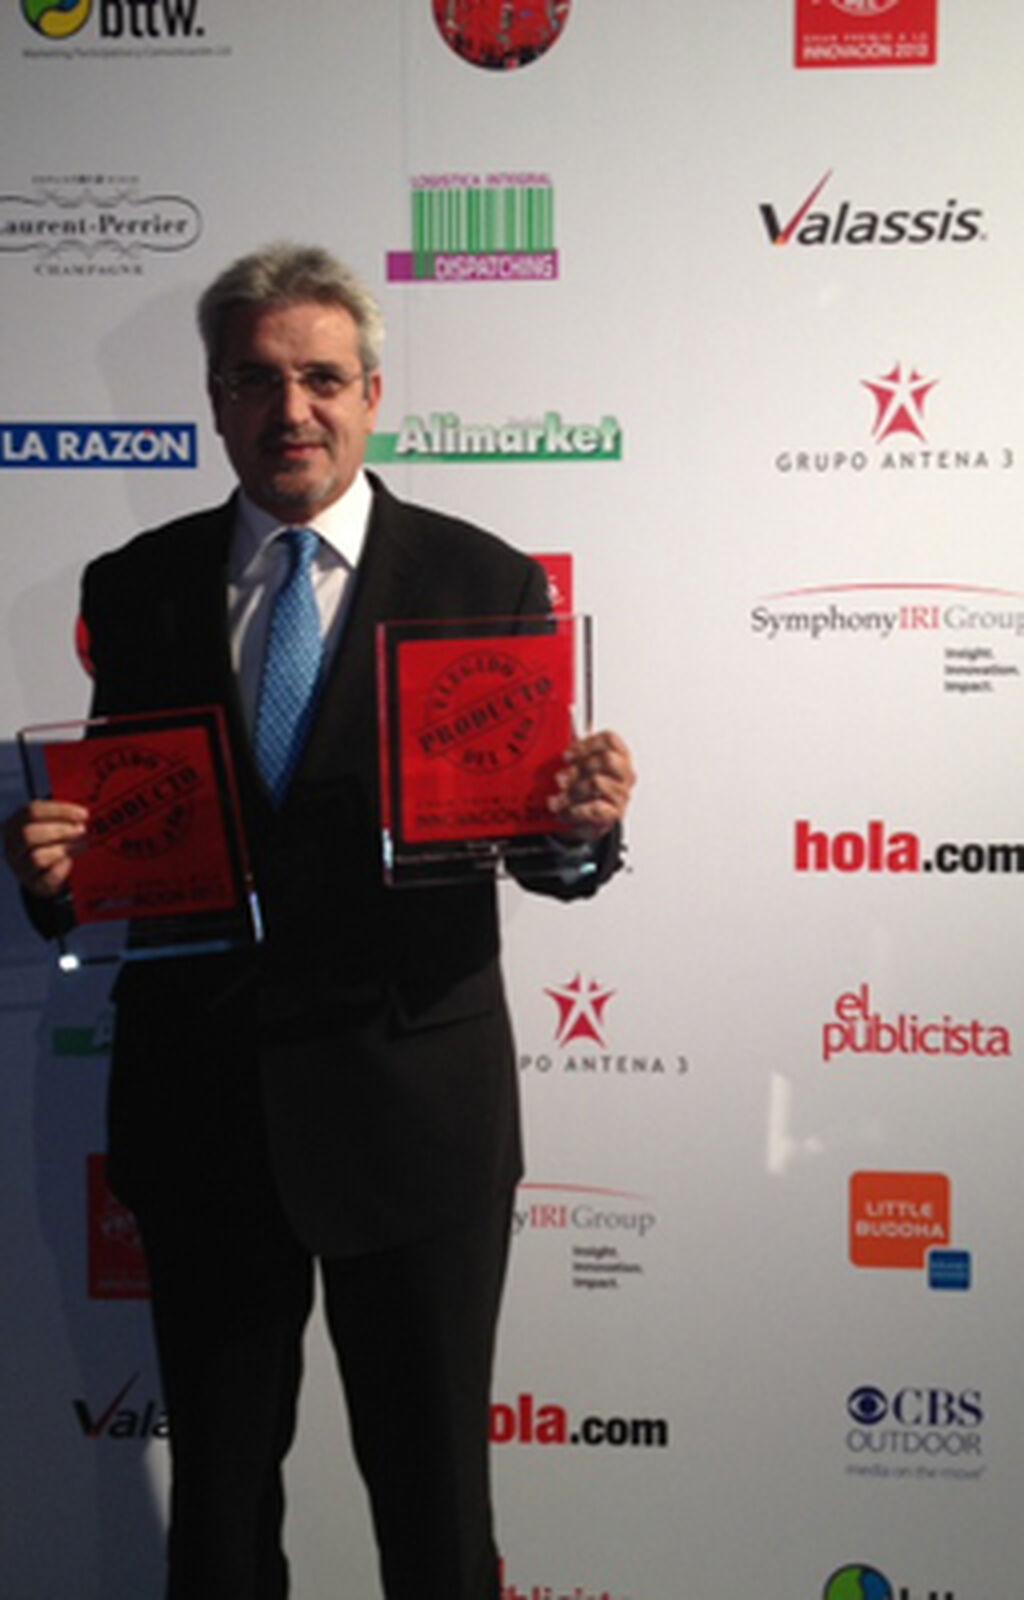 Miguel Ángel Hernando, KAM de Unilever España. Premio a Rexona Gama Ultradry con tecnología Motionsense (Desodorantes)